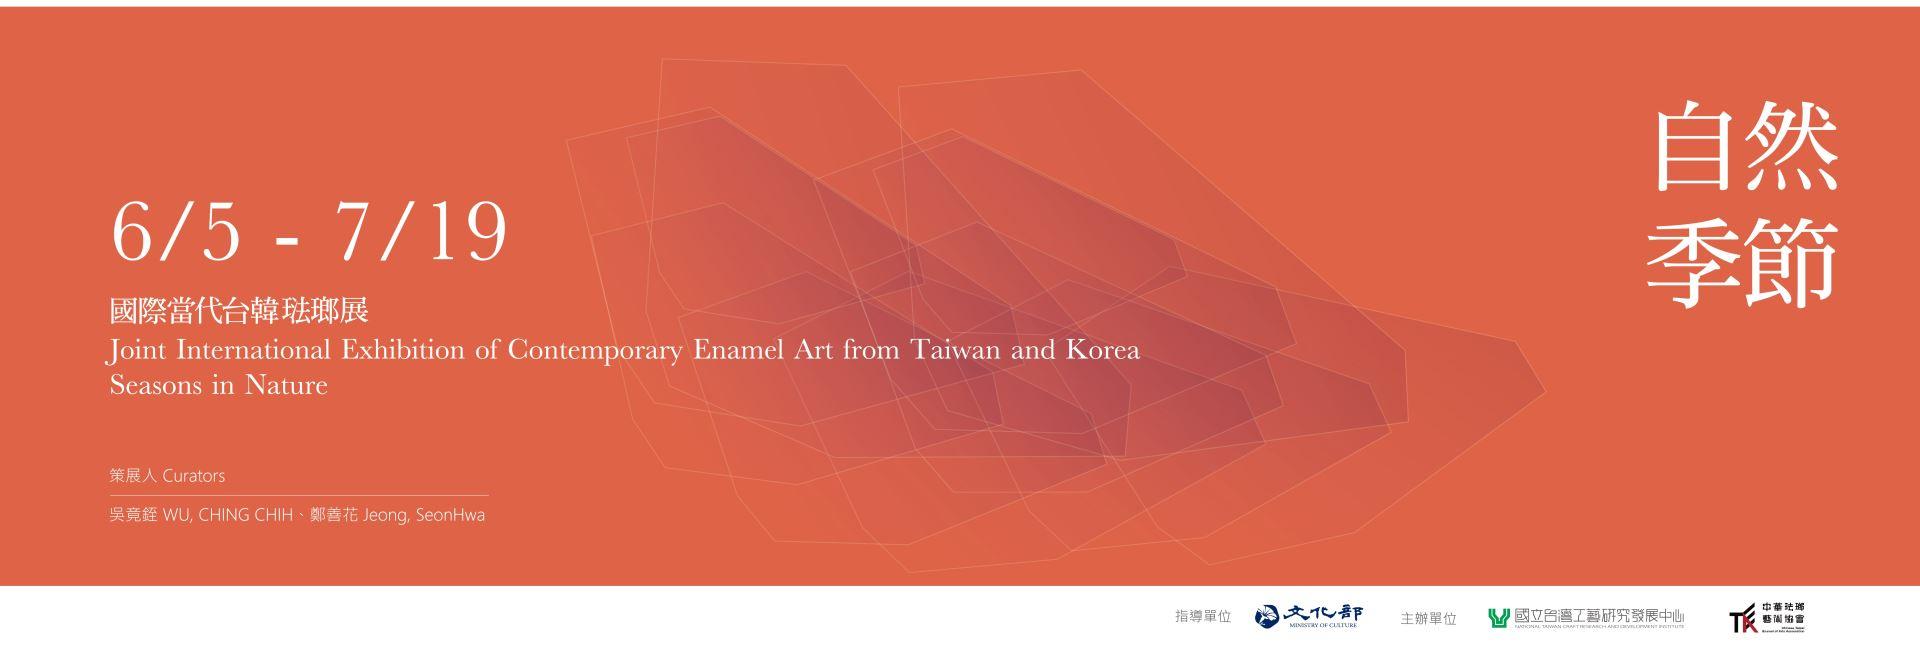 自然季節—國際當代台韓琺瑯展「另開新視窗」